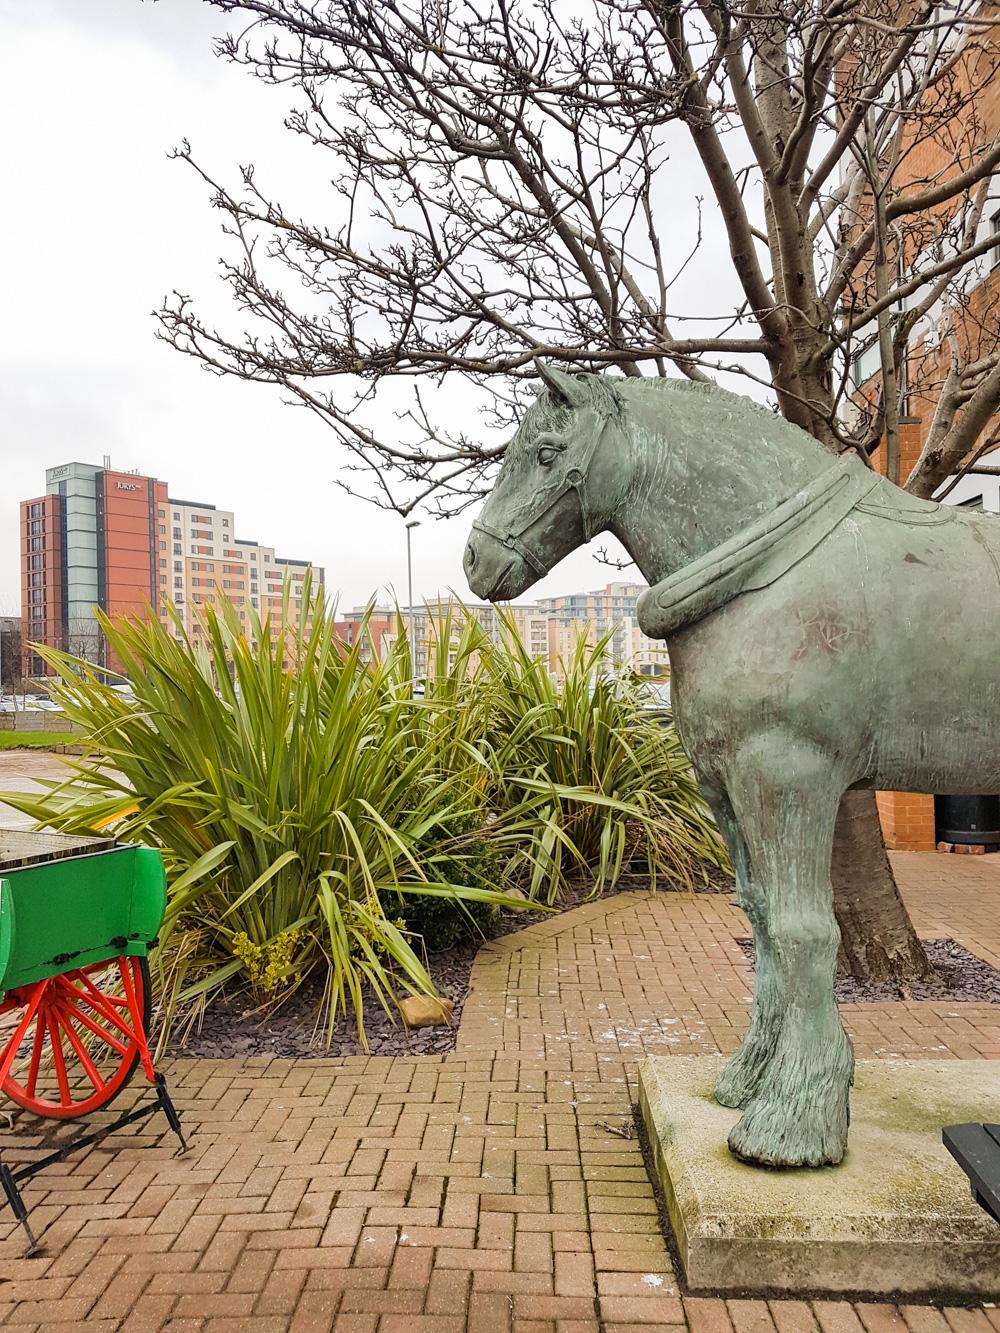 Tetleys, Leeds